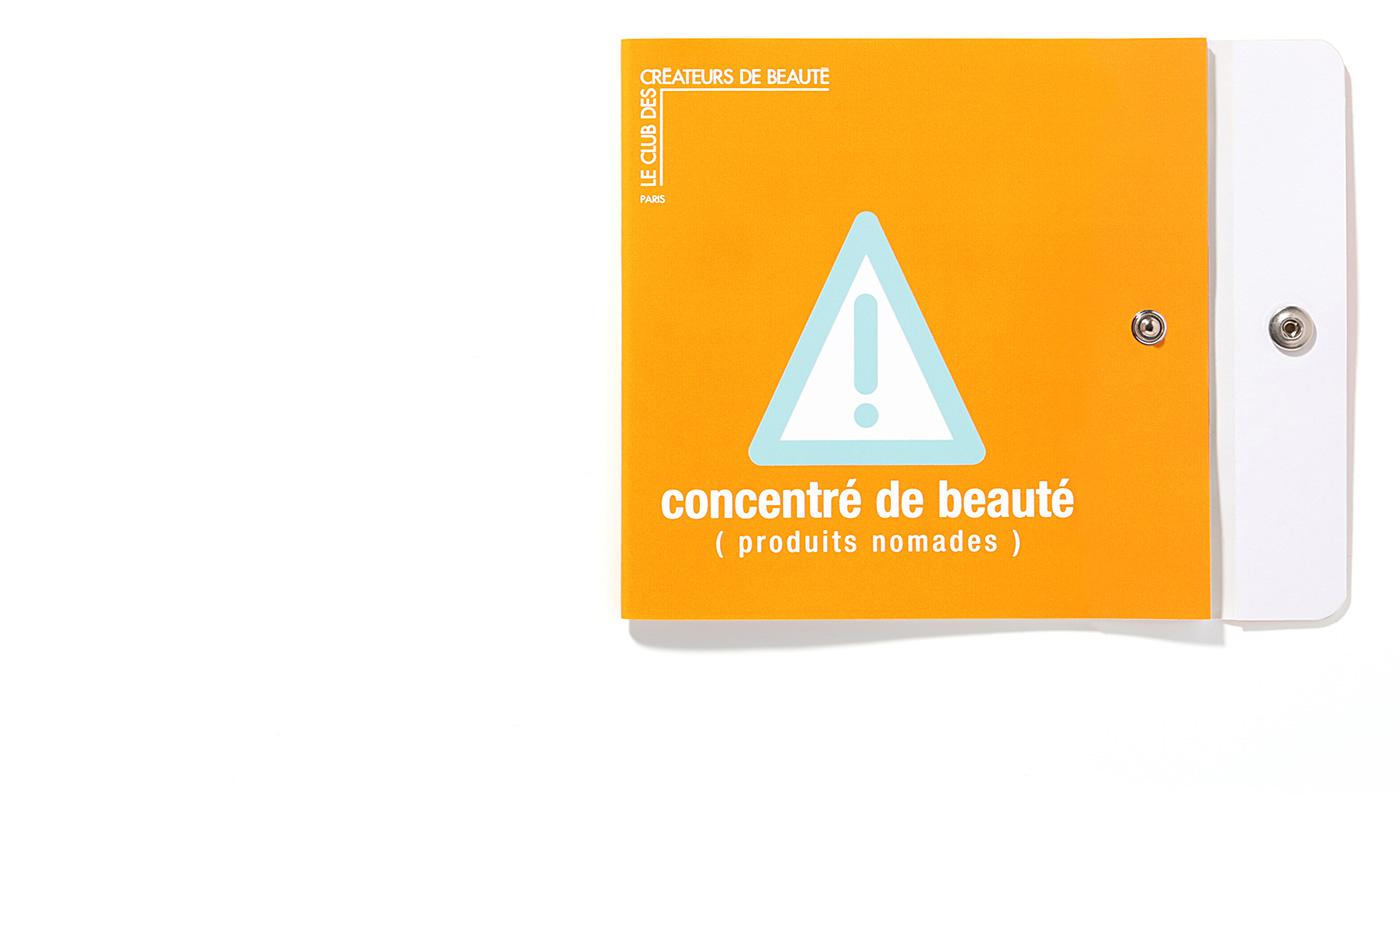 CCB-Concentre-Beaute-2-cadre-opti-eleve copie